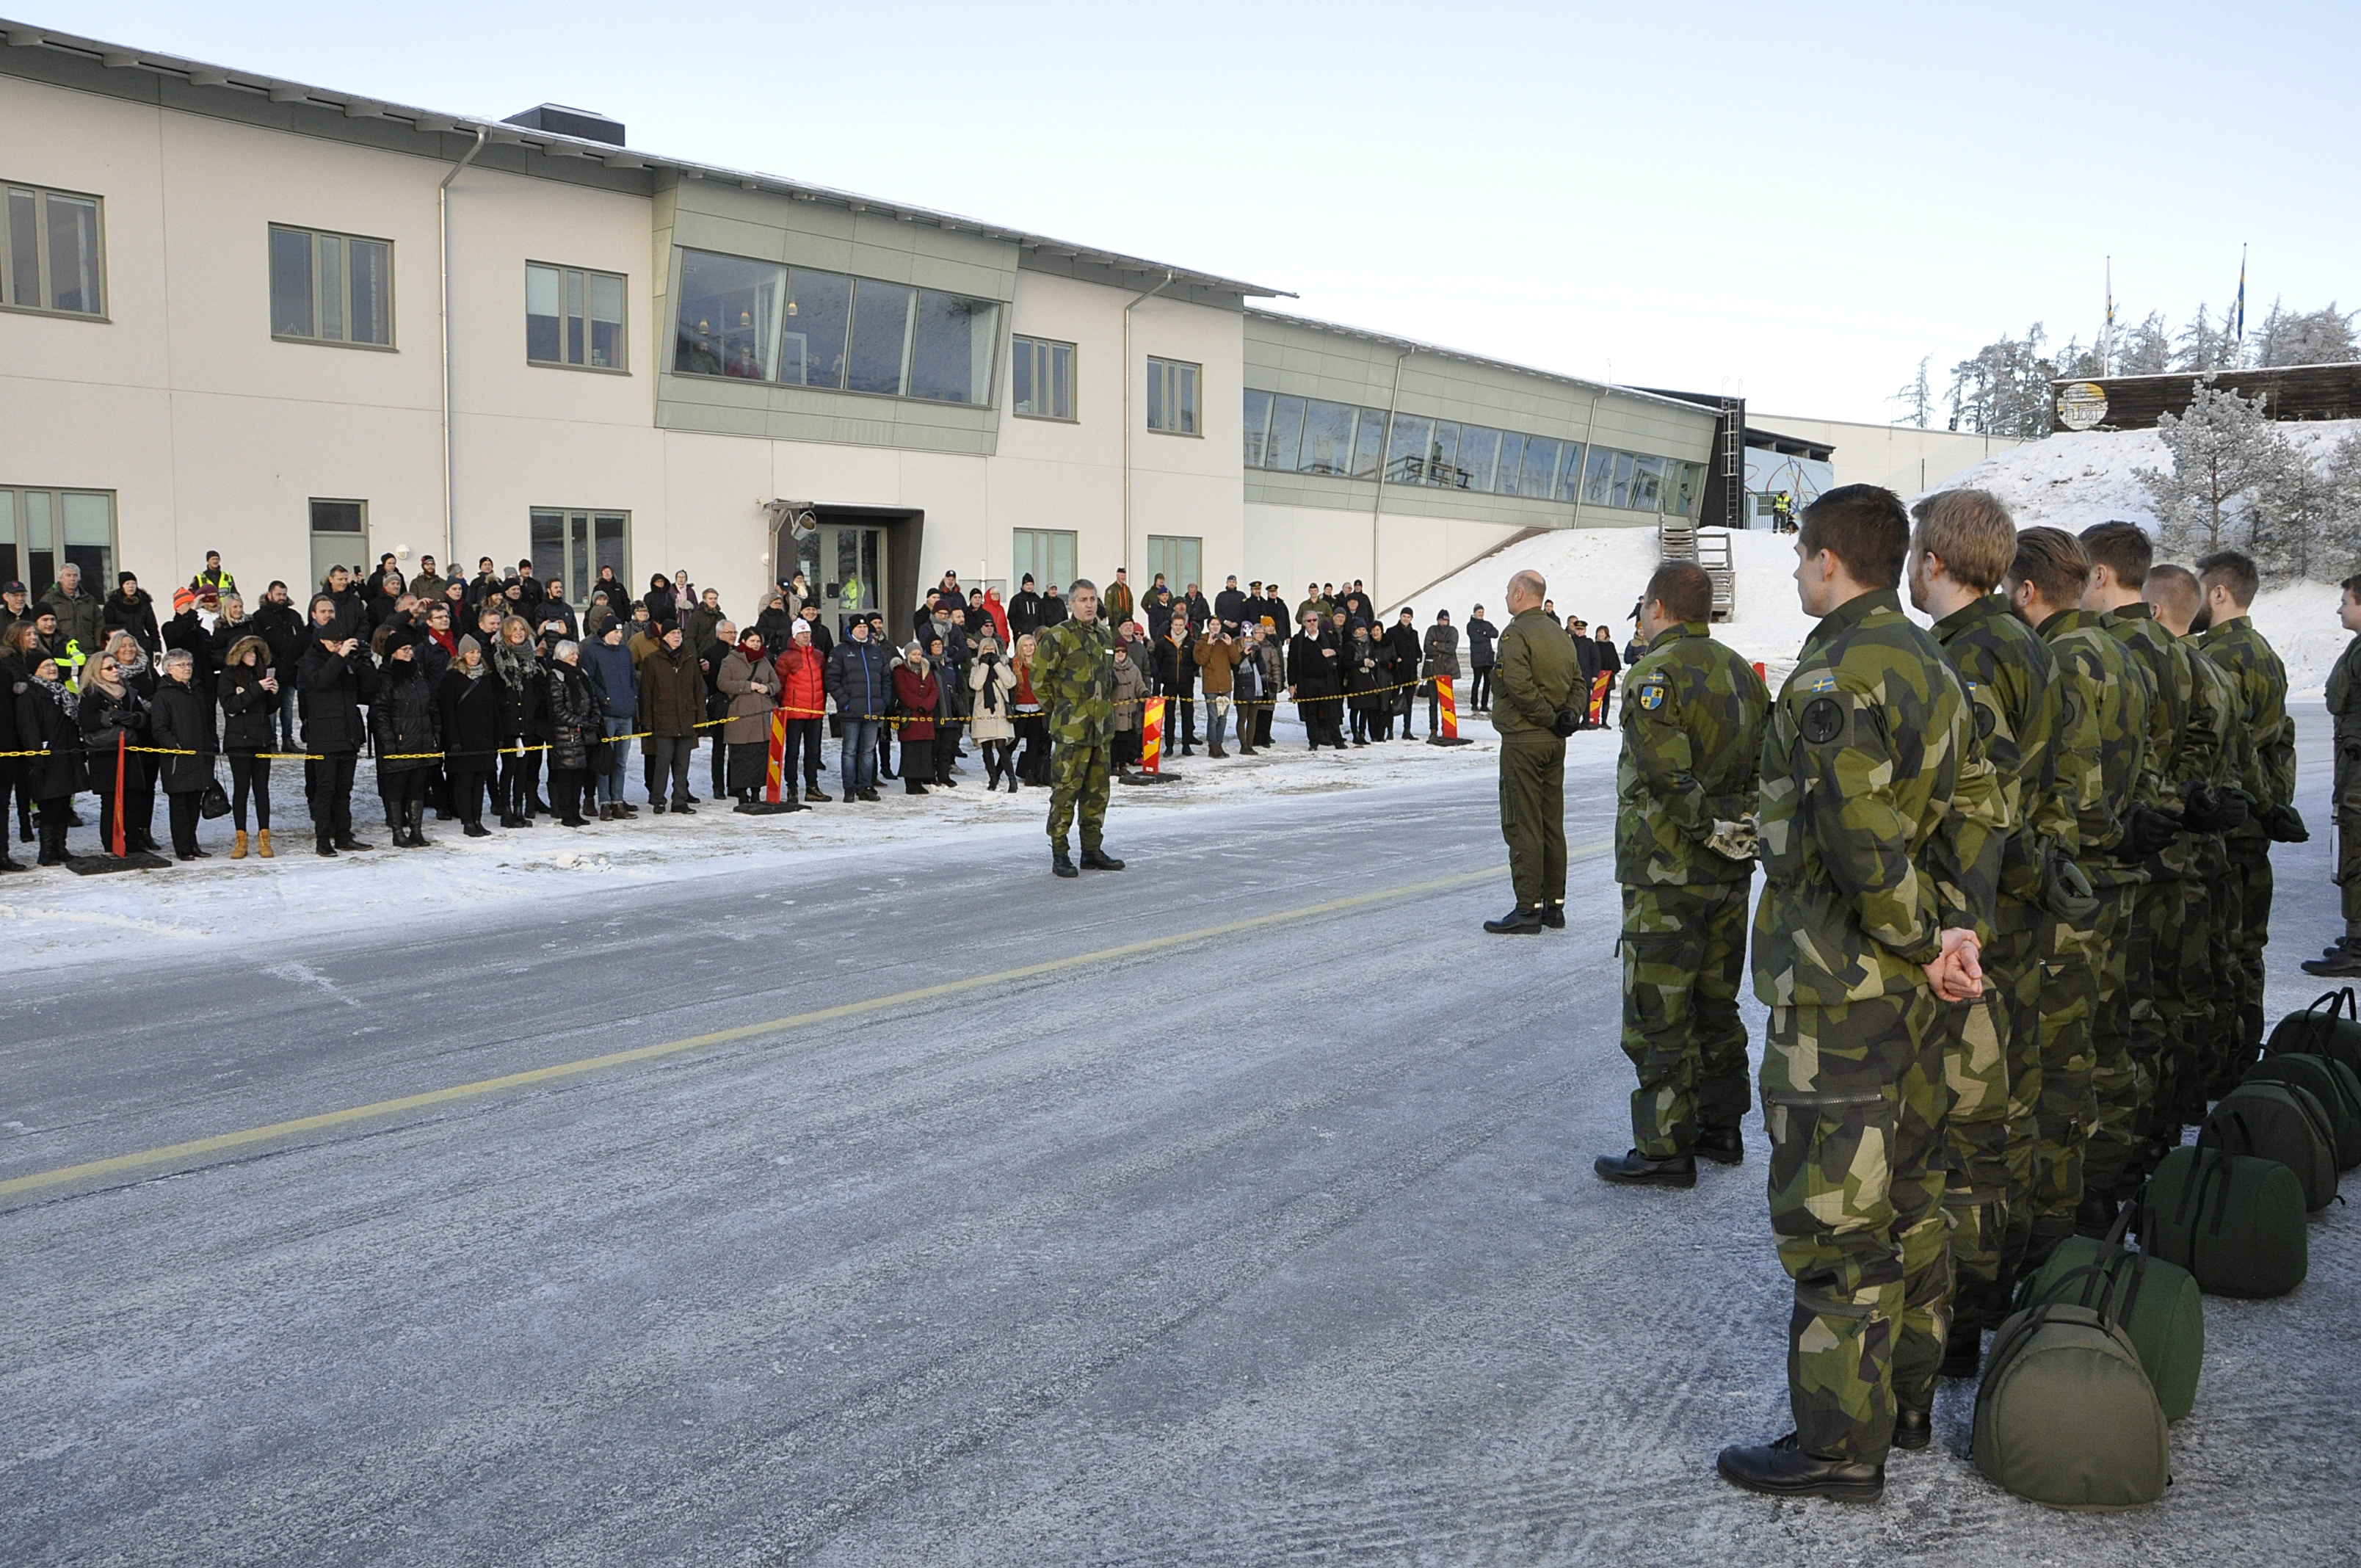 Chefen för Flygskolan lämnar av till flygvapenchefen inför examensflygningen. Både elever och den stora mängden anhöriga är förväntansfulla.